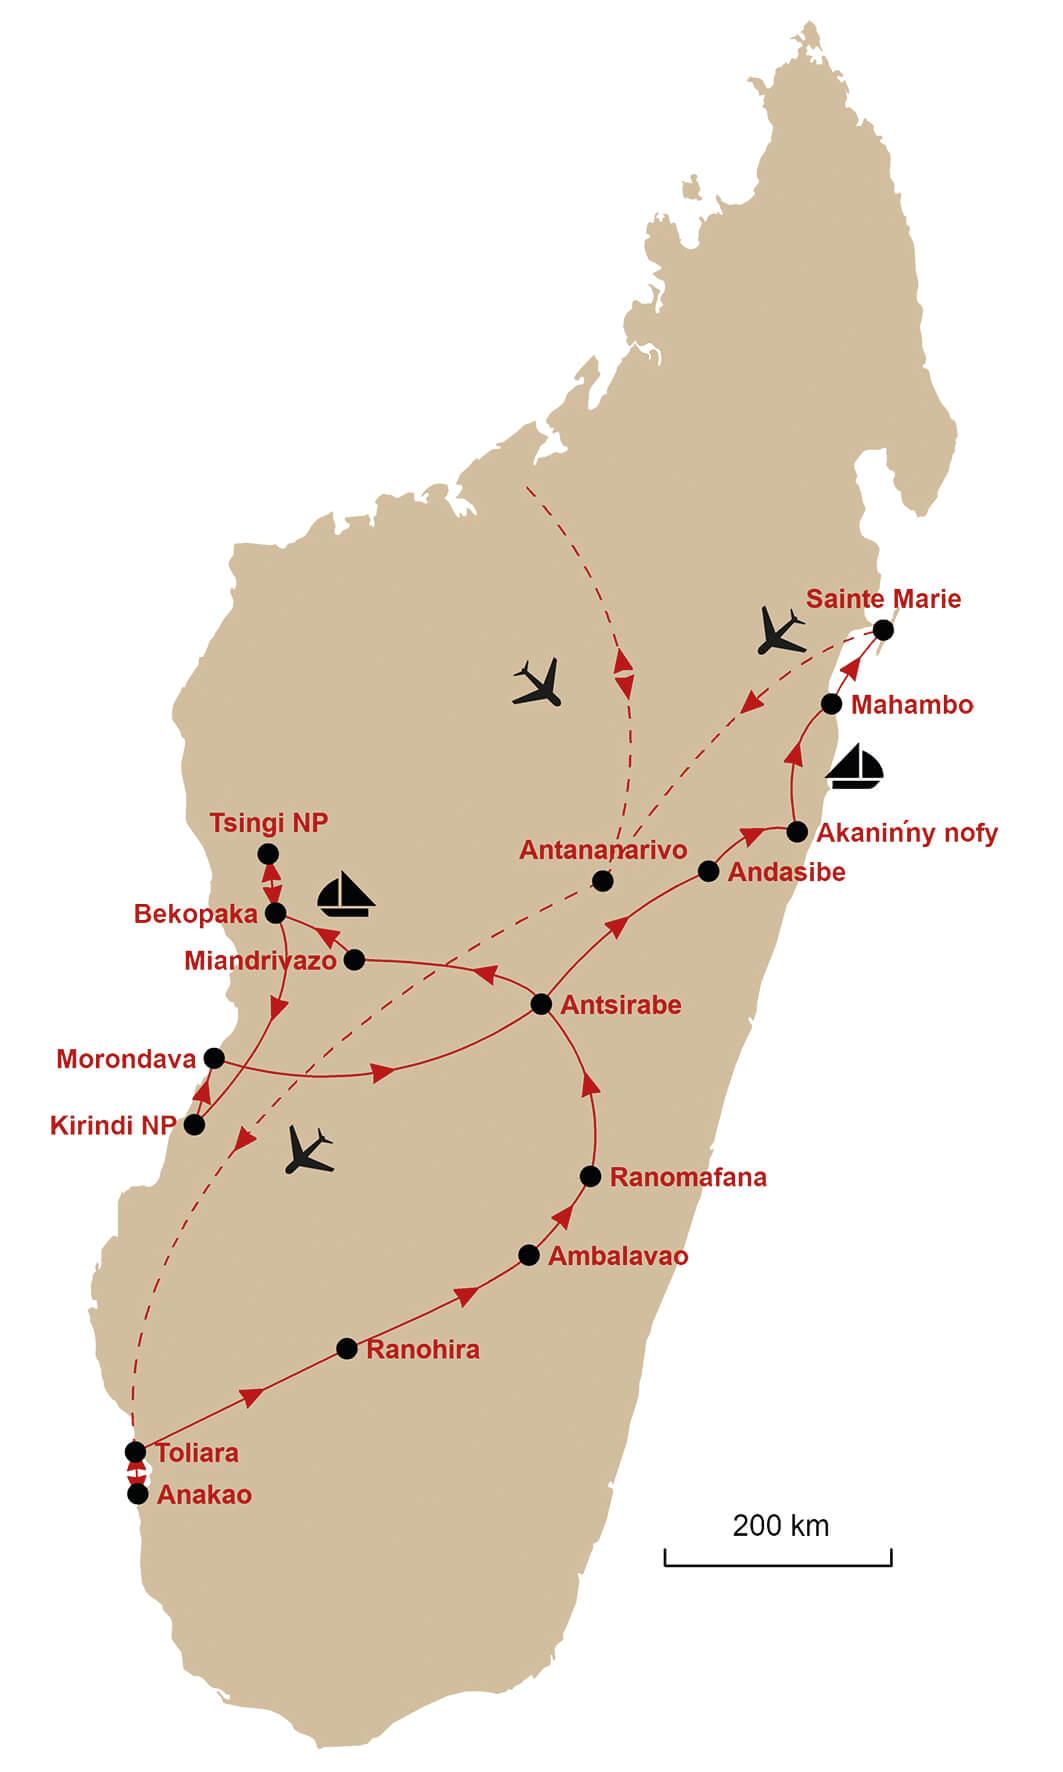 Madagaskar Die Umfassende Reise Chili Reisen